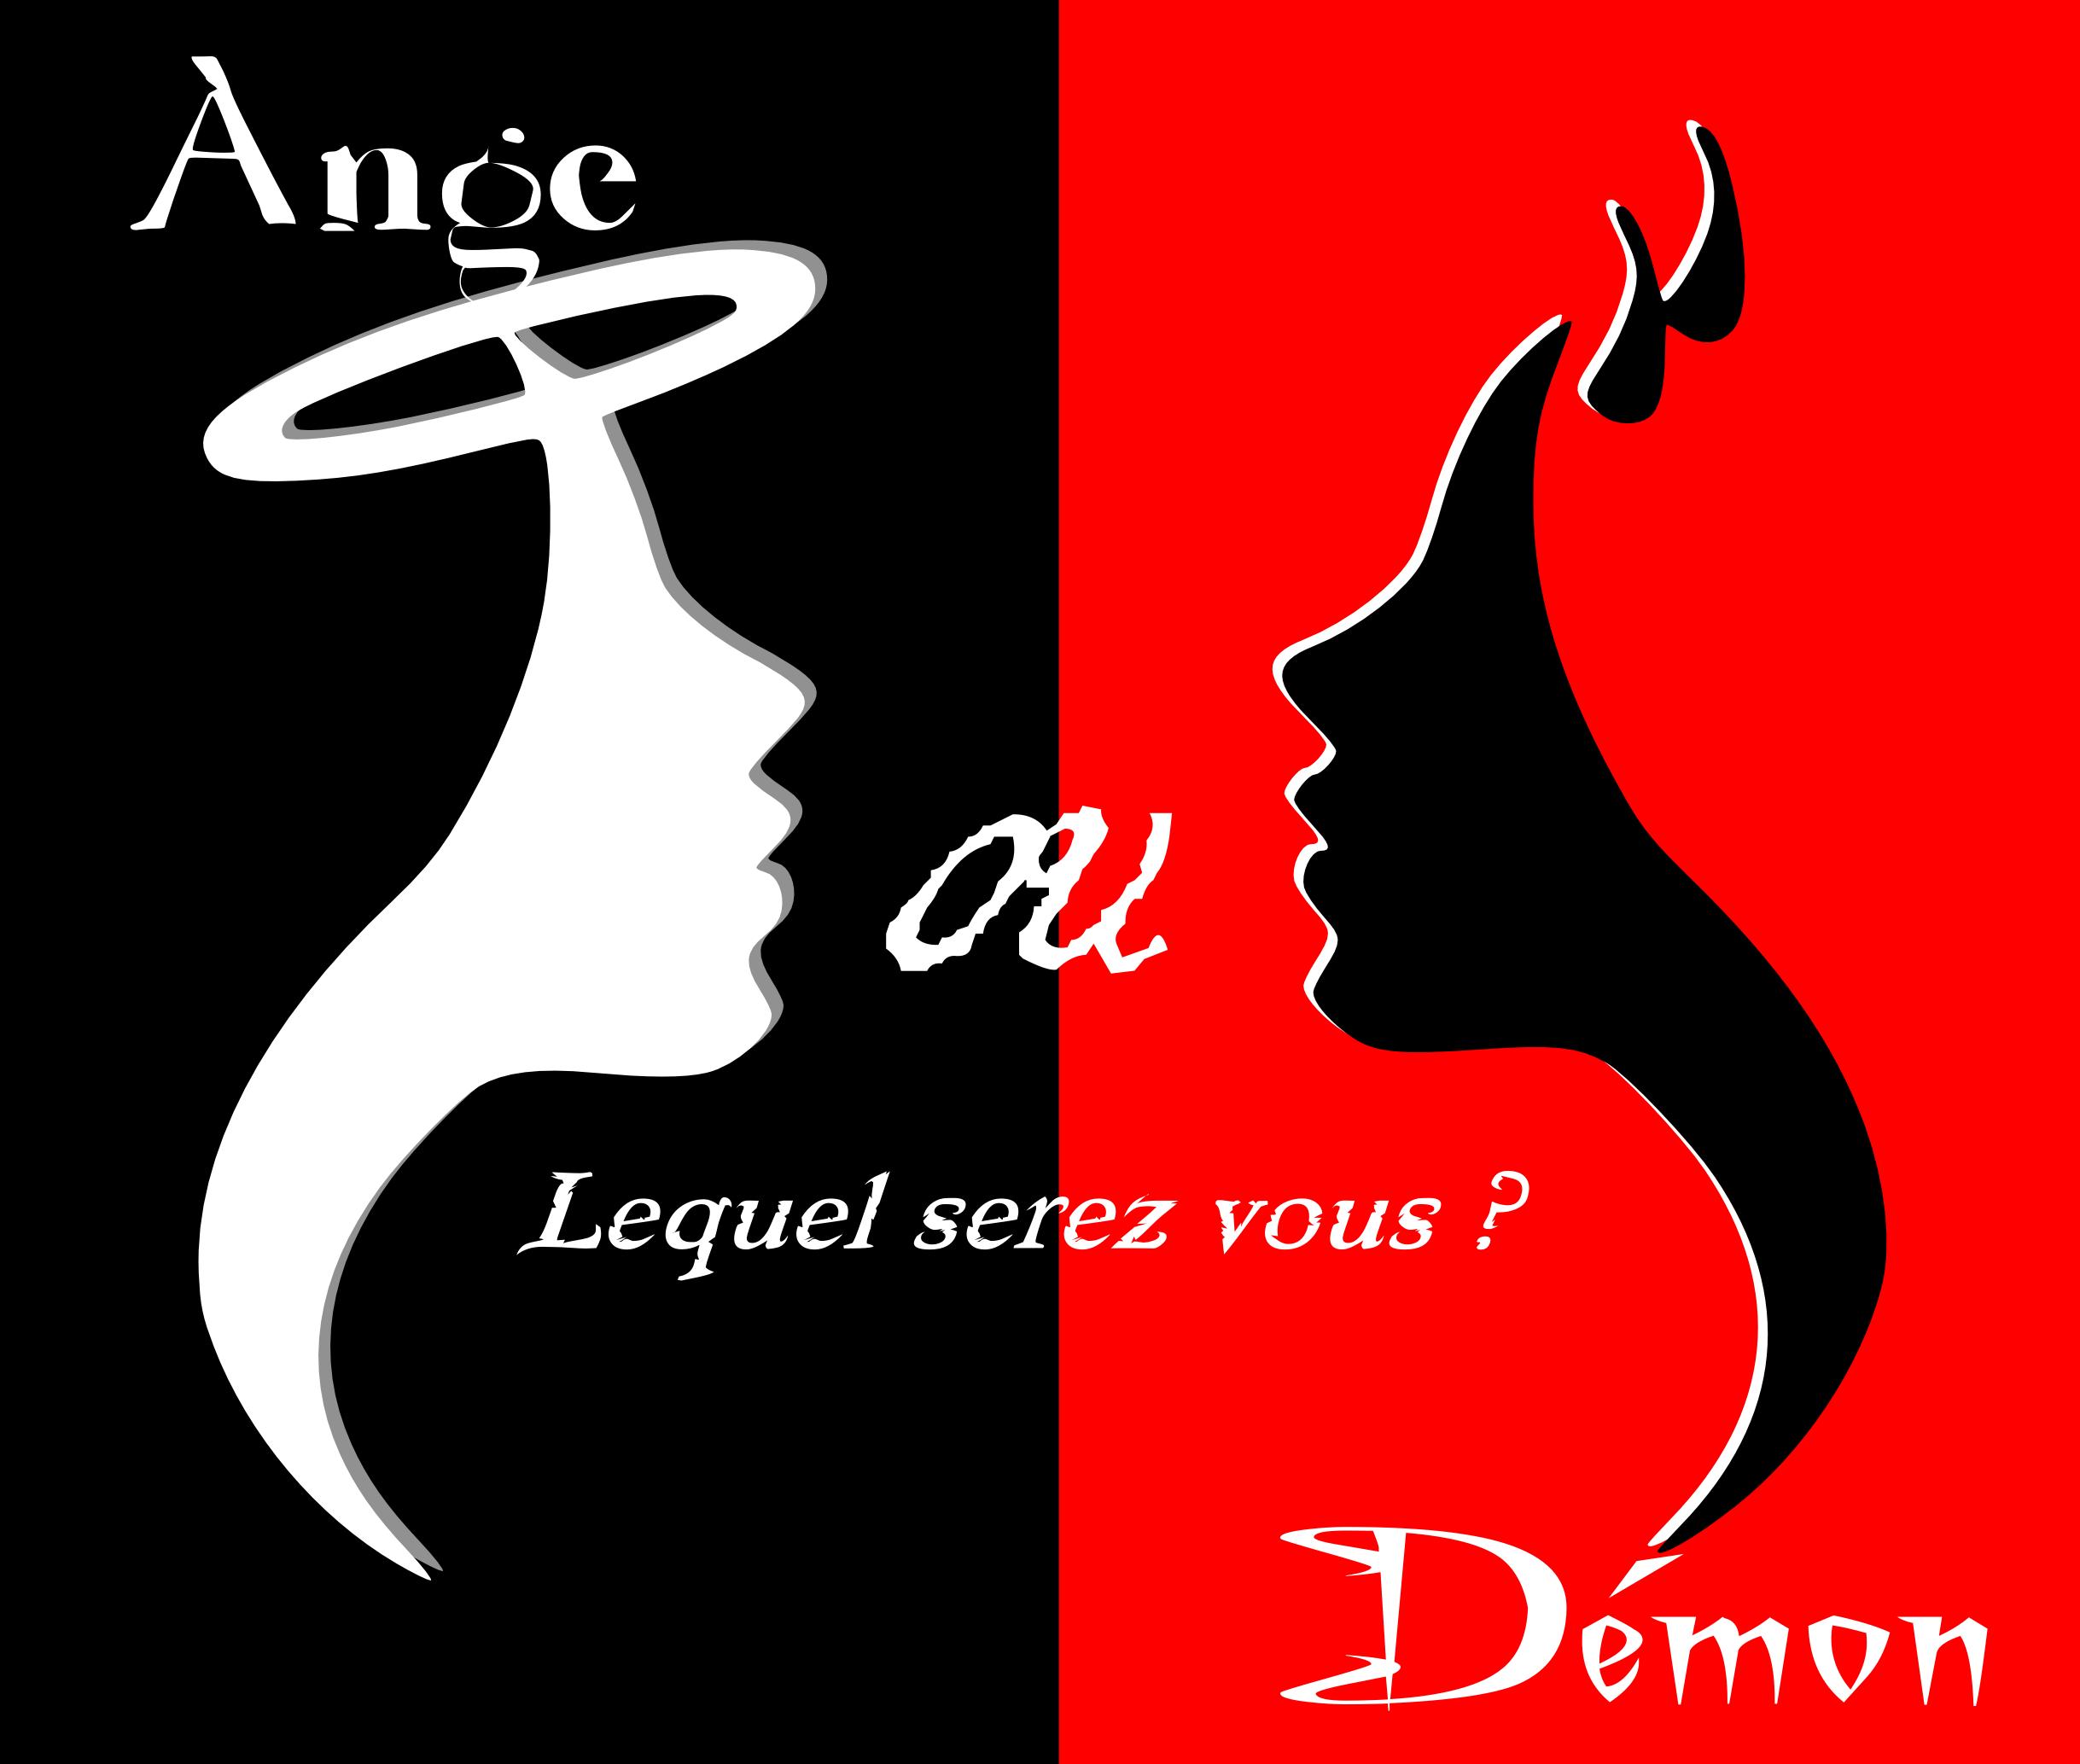 Ange ou demon site de rencontre